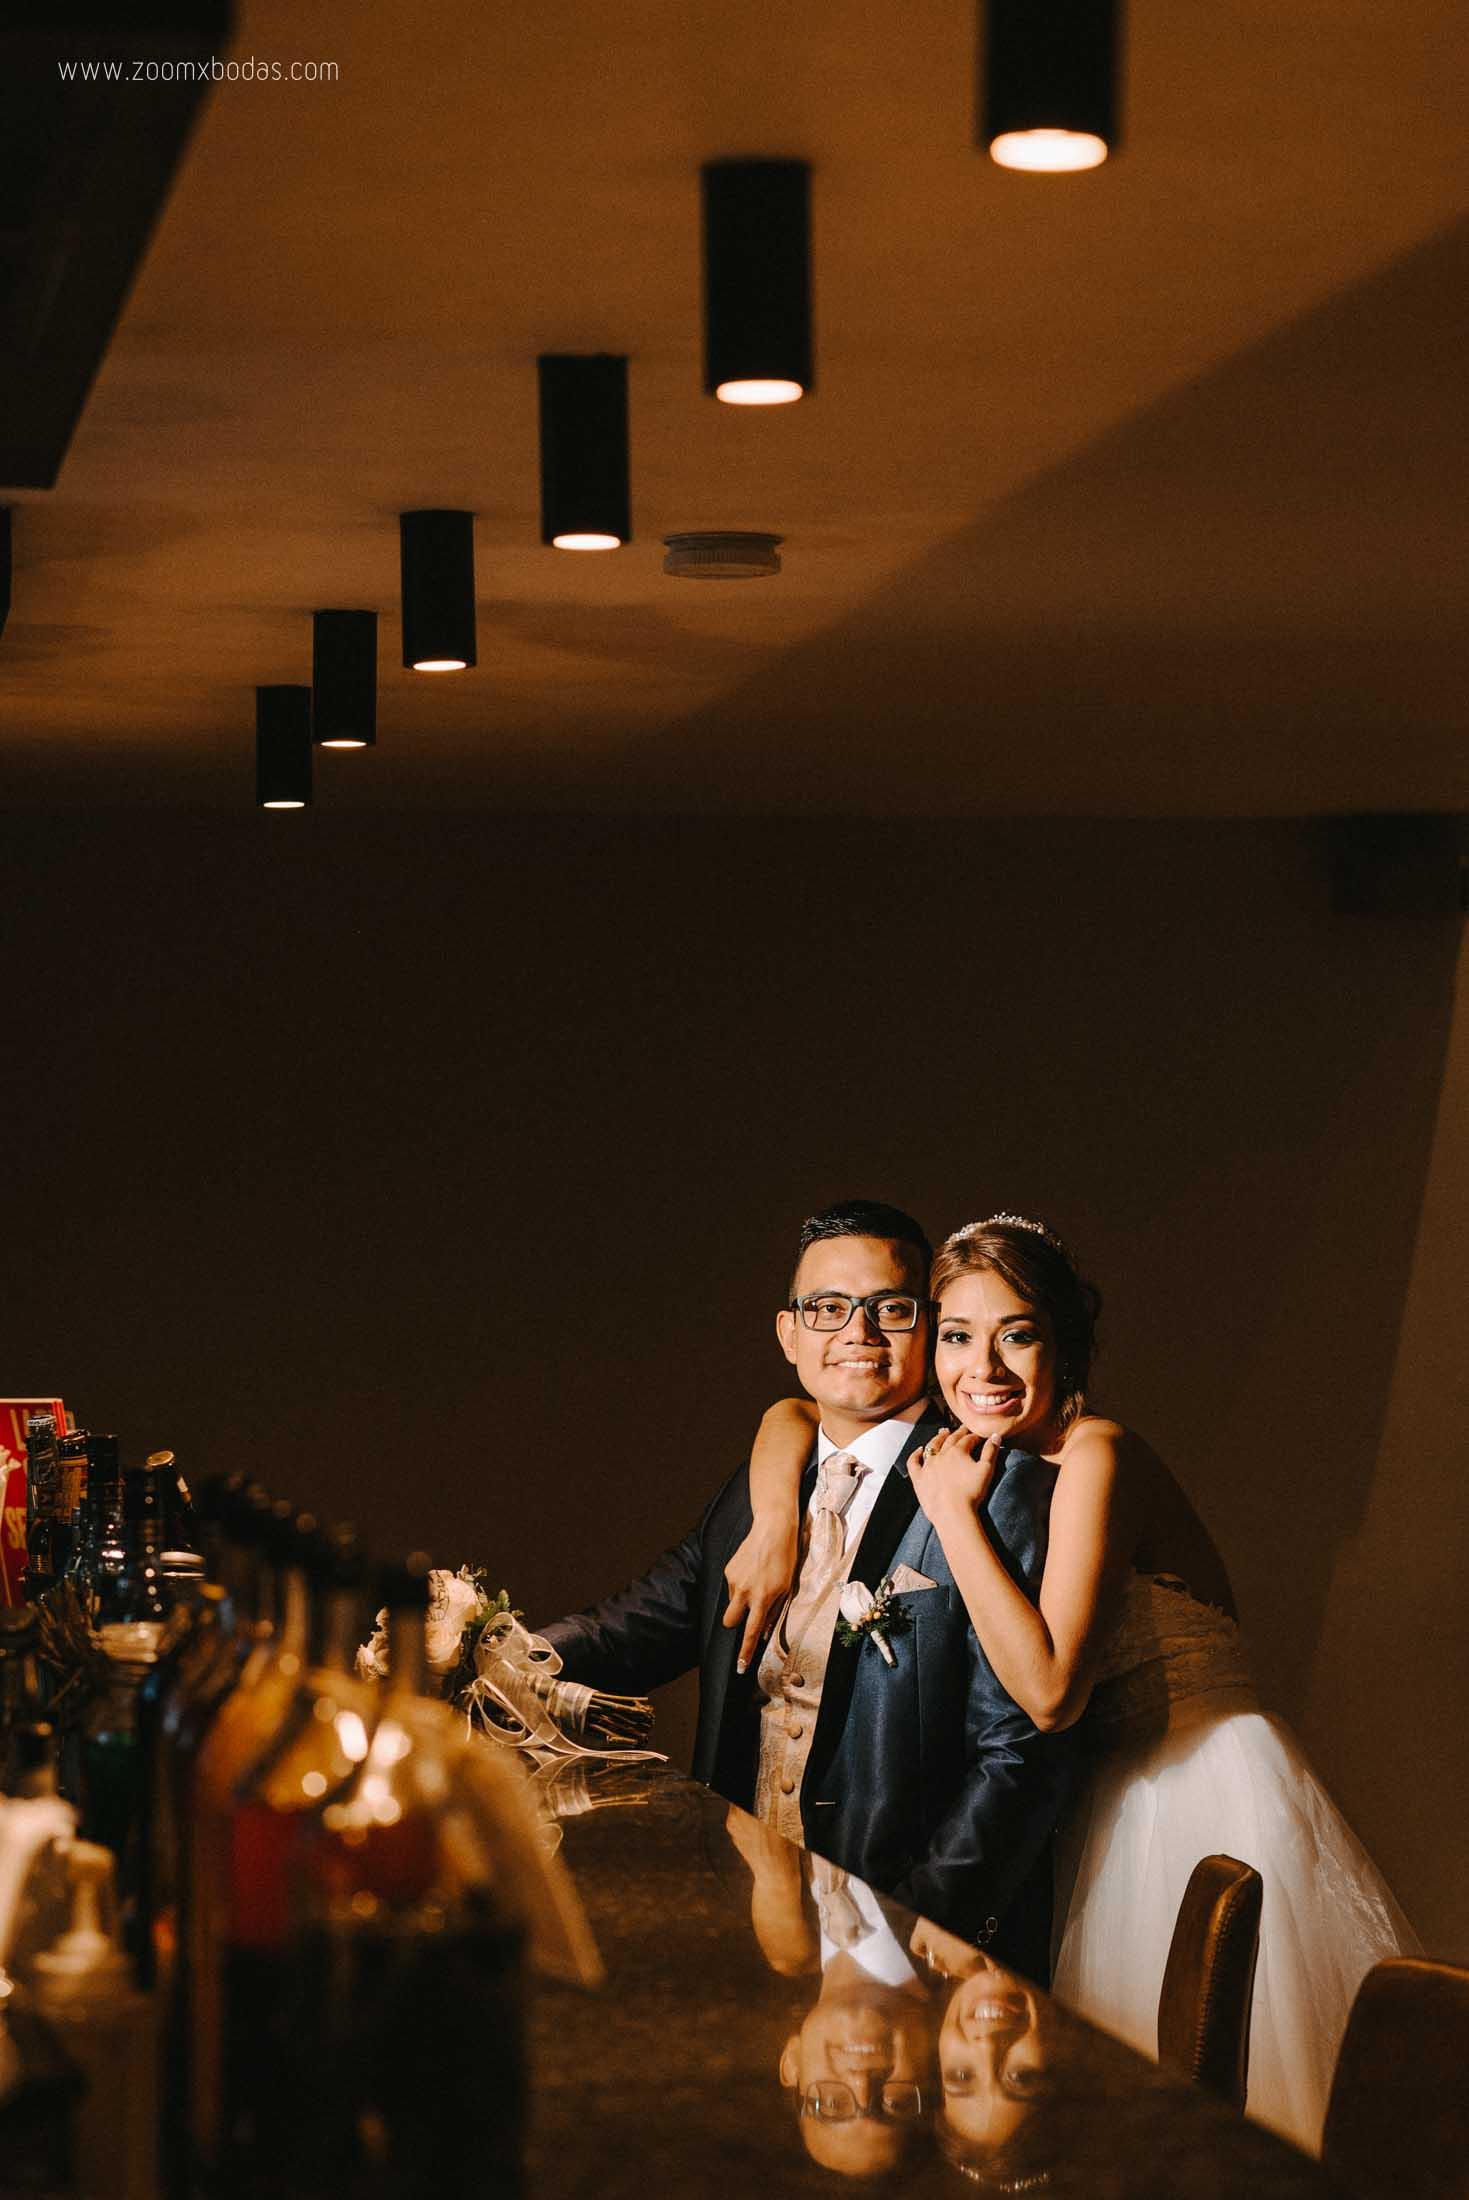 boda vanessa y harold en piura, fotografo de bodas en piura, fotografo de bodas, bodas de noche, bodas en piura, sesion de fotos, noche de bodas, novias felices, zoomx studio, erick ruiz